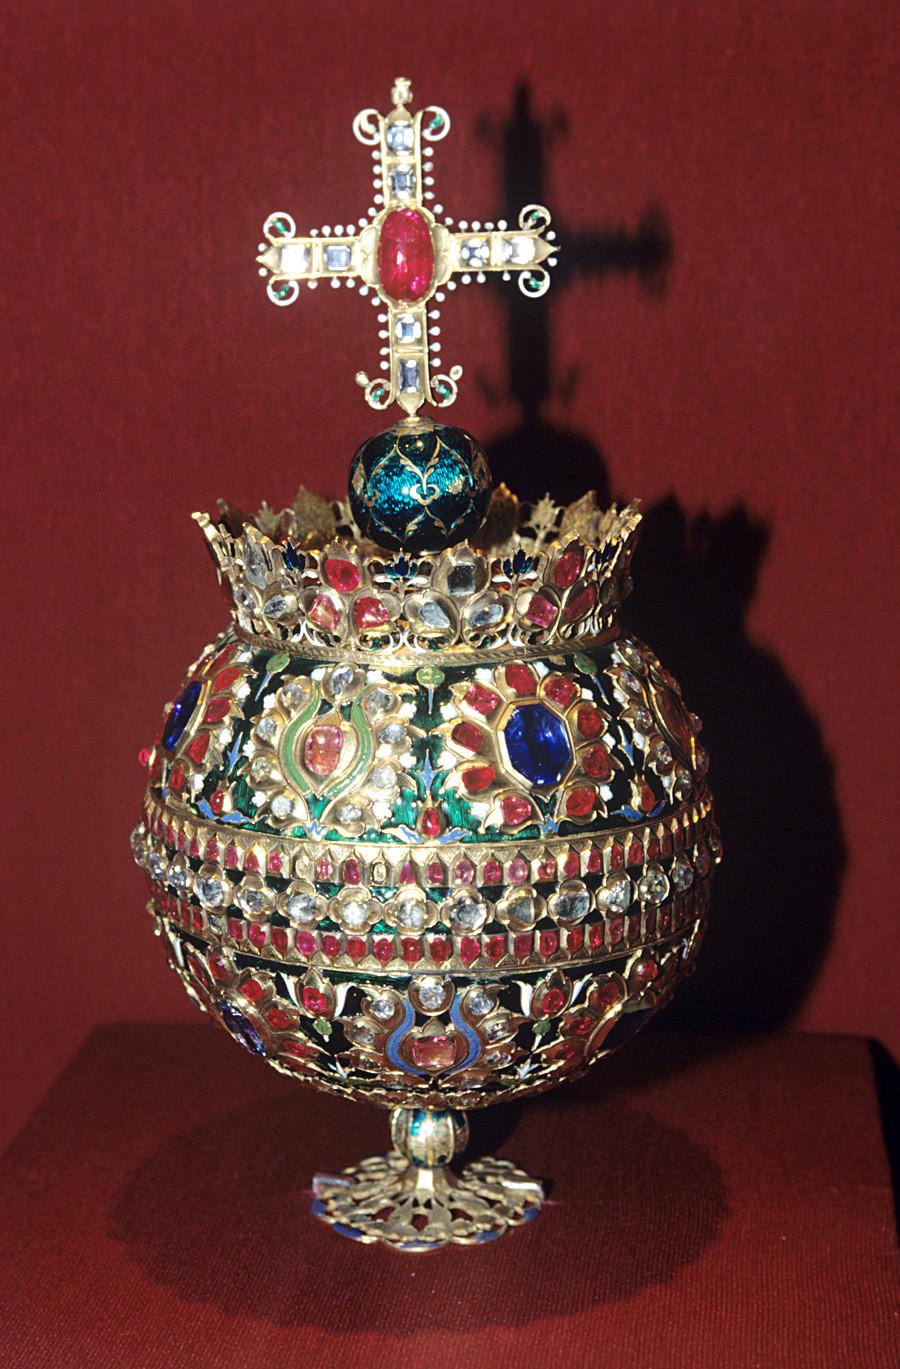 Deržava cara Alekseja Mihajloviča (1629.-1676.). Carigrad, 1662. Državni kulturno-povijesni muzej